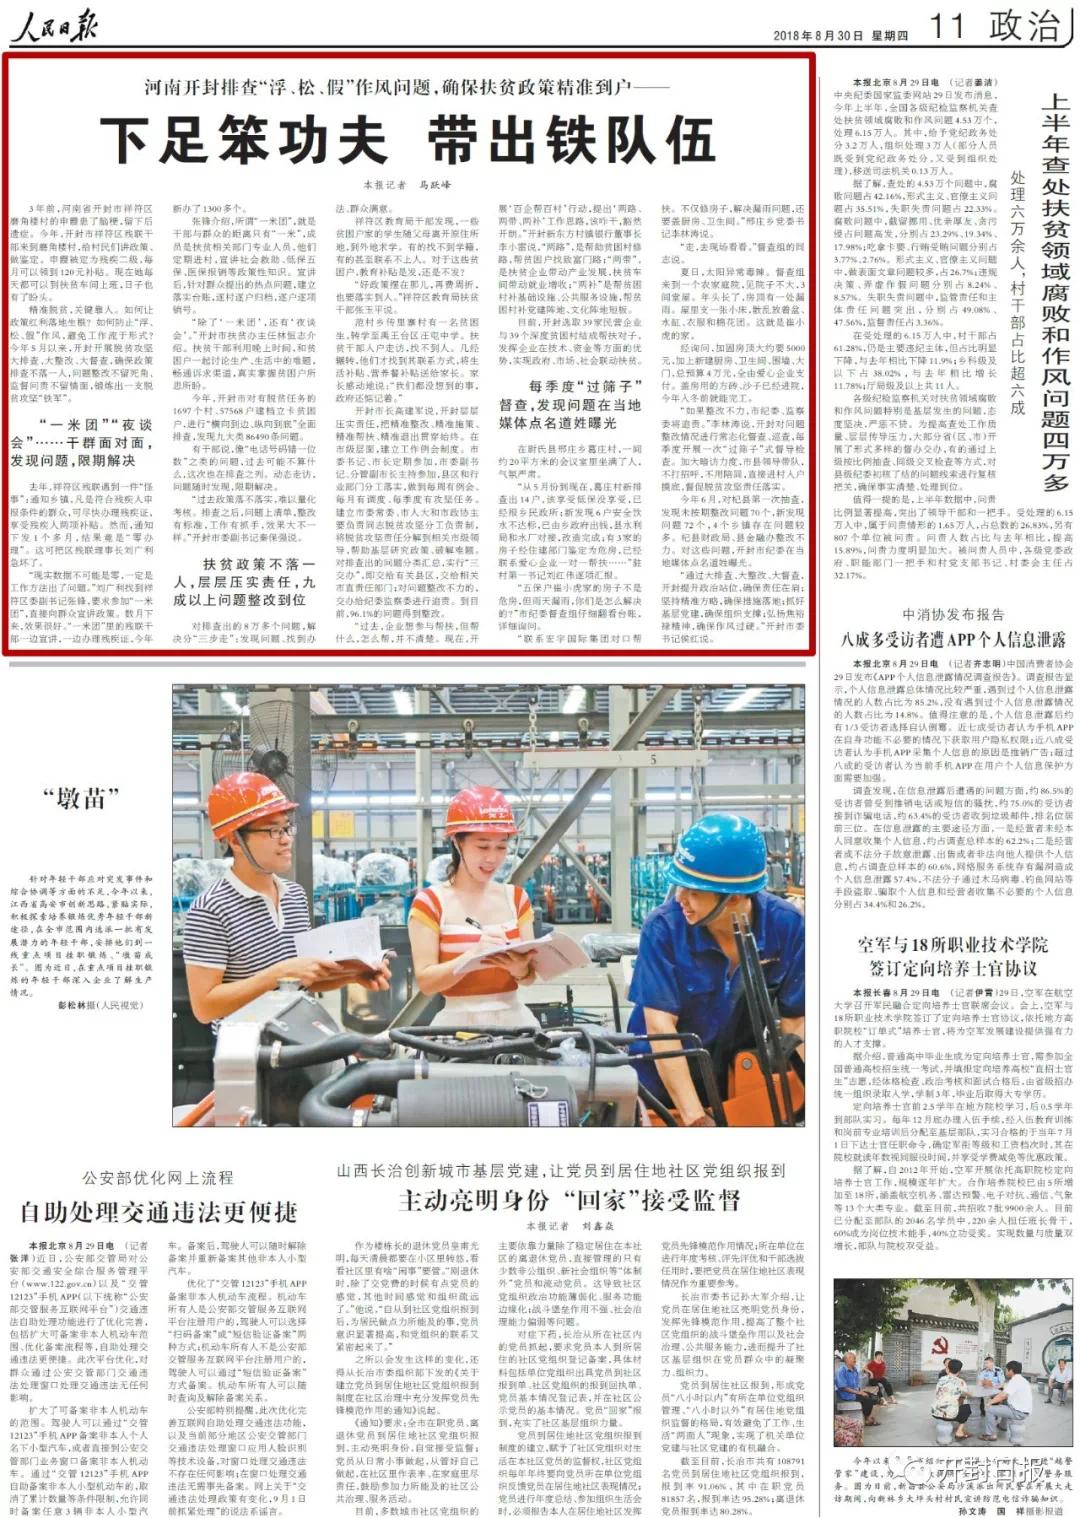 《人民日报》发文赞开封扶贫工作:下足笨功夫 带出铁队伍